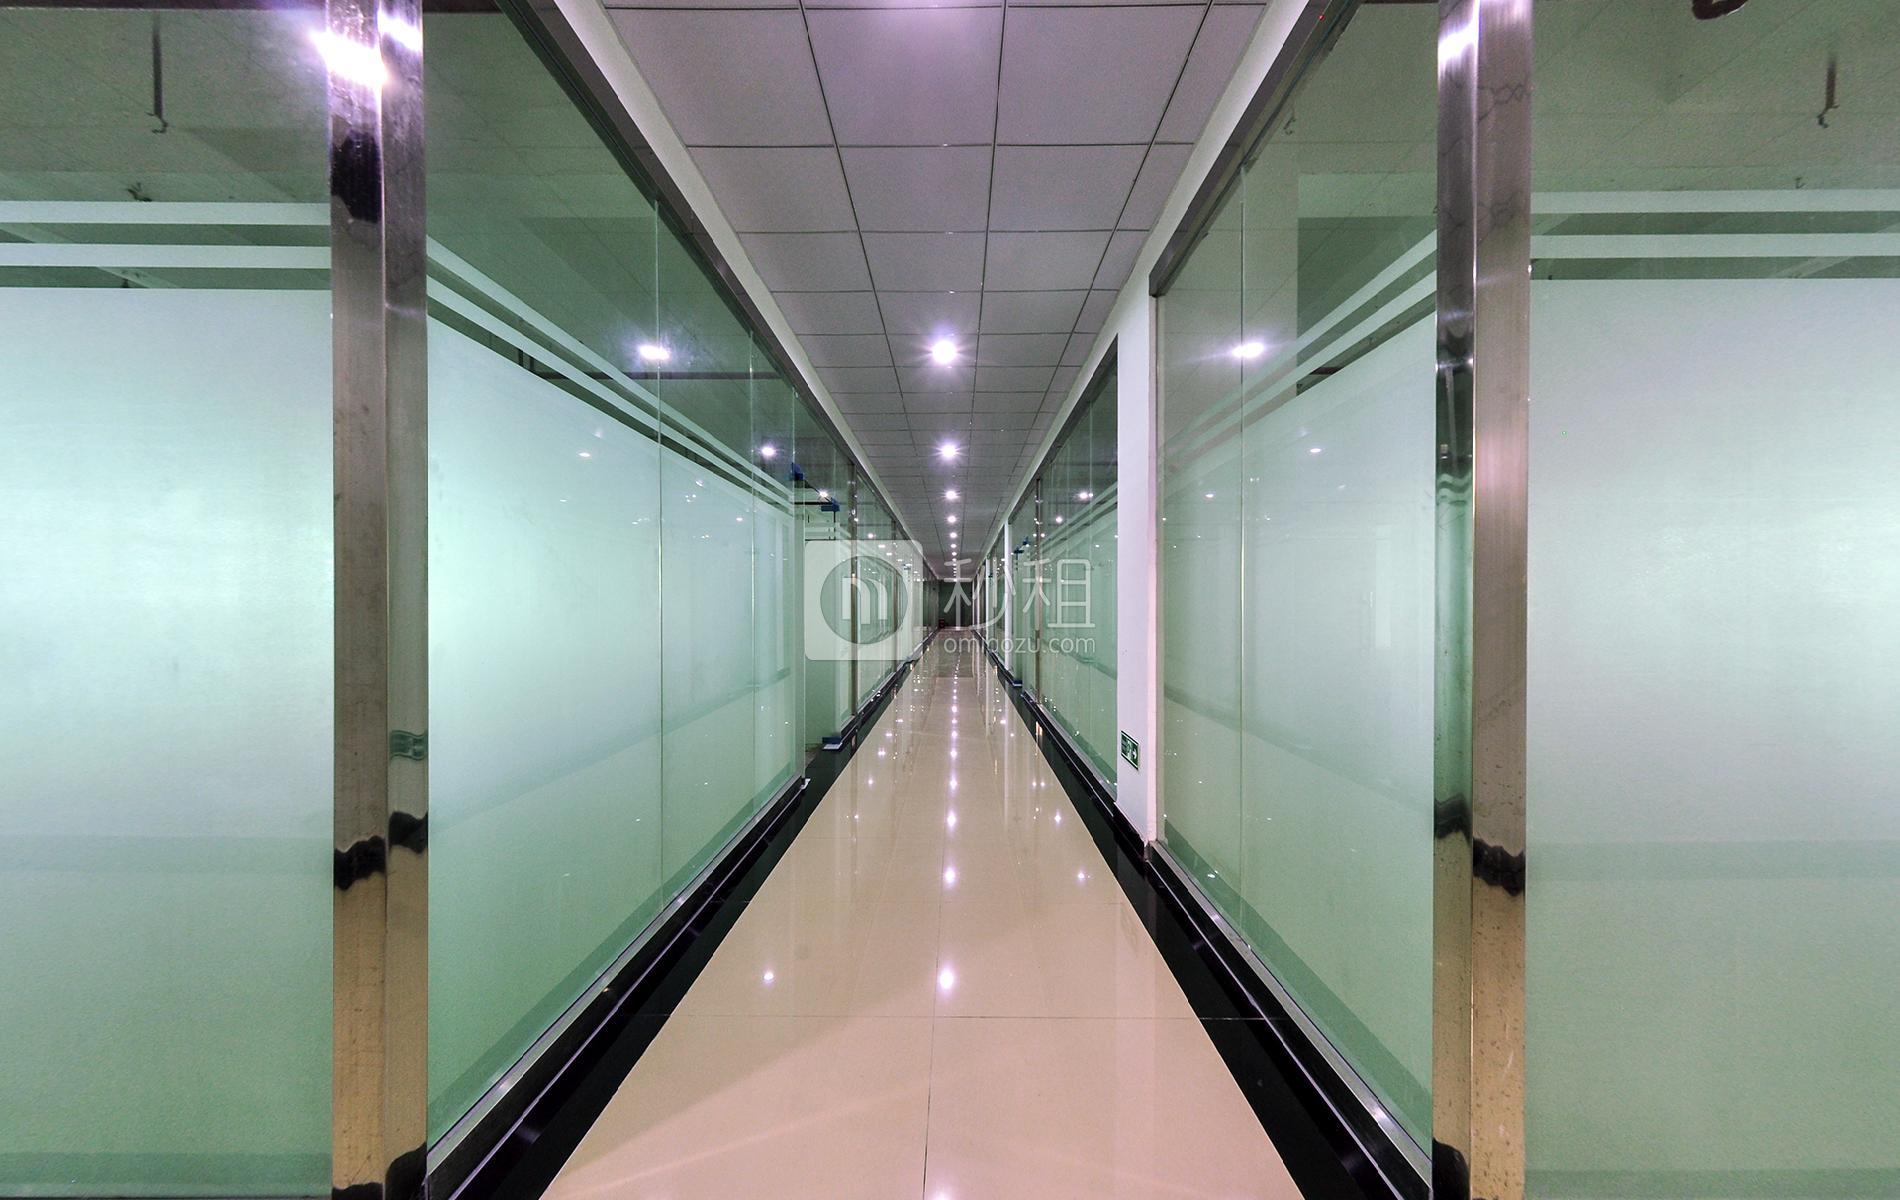 民企科技园写字楼出租/招租/租赁,民企科技园办公室出租/招租/租赁